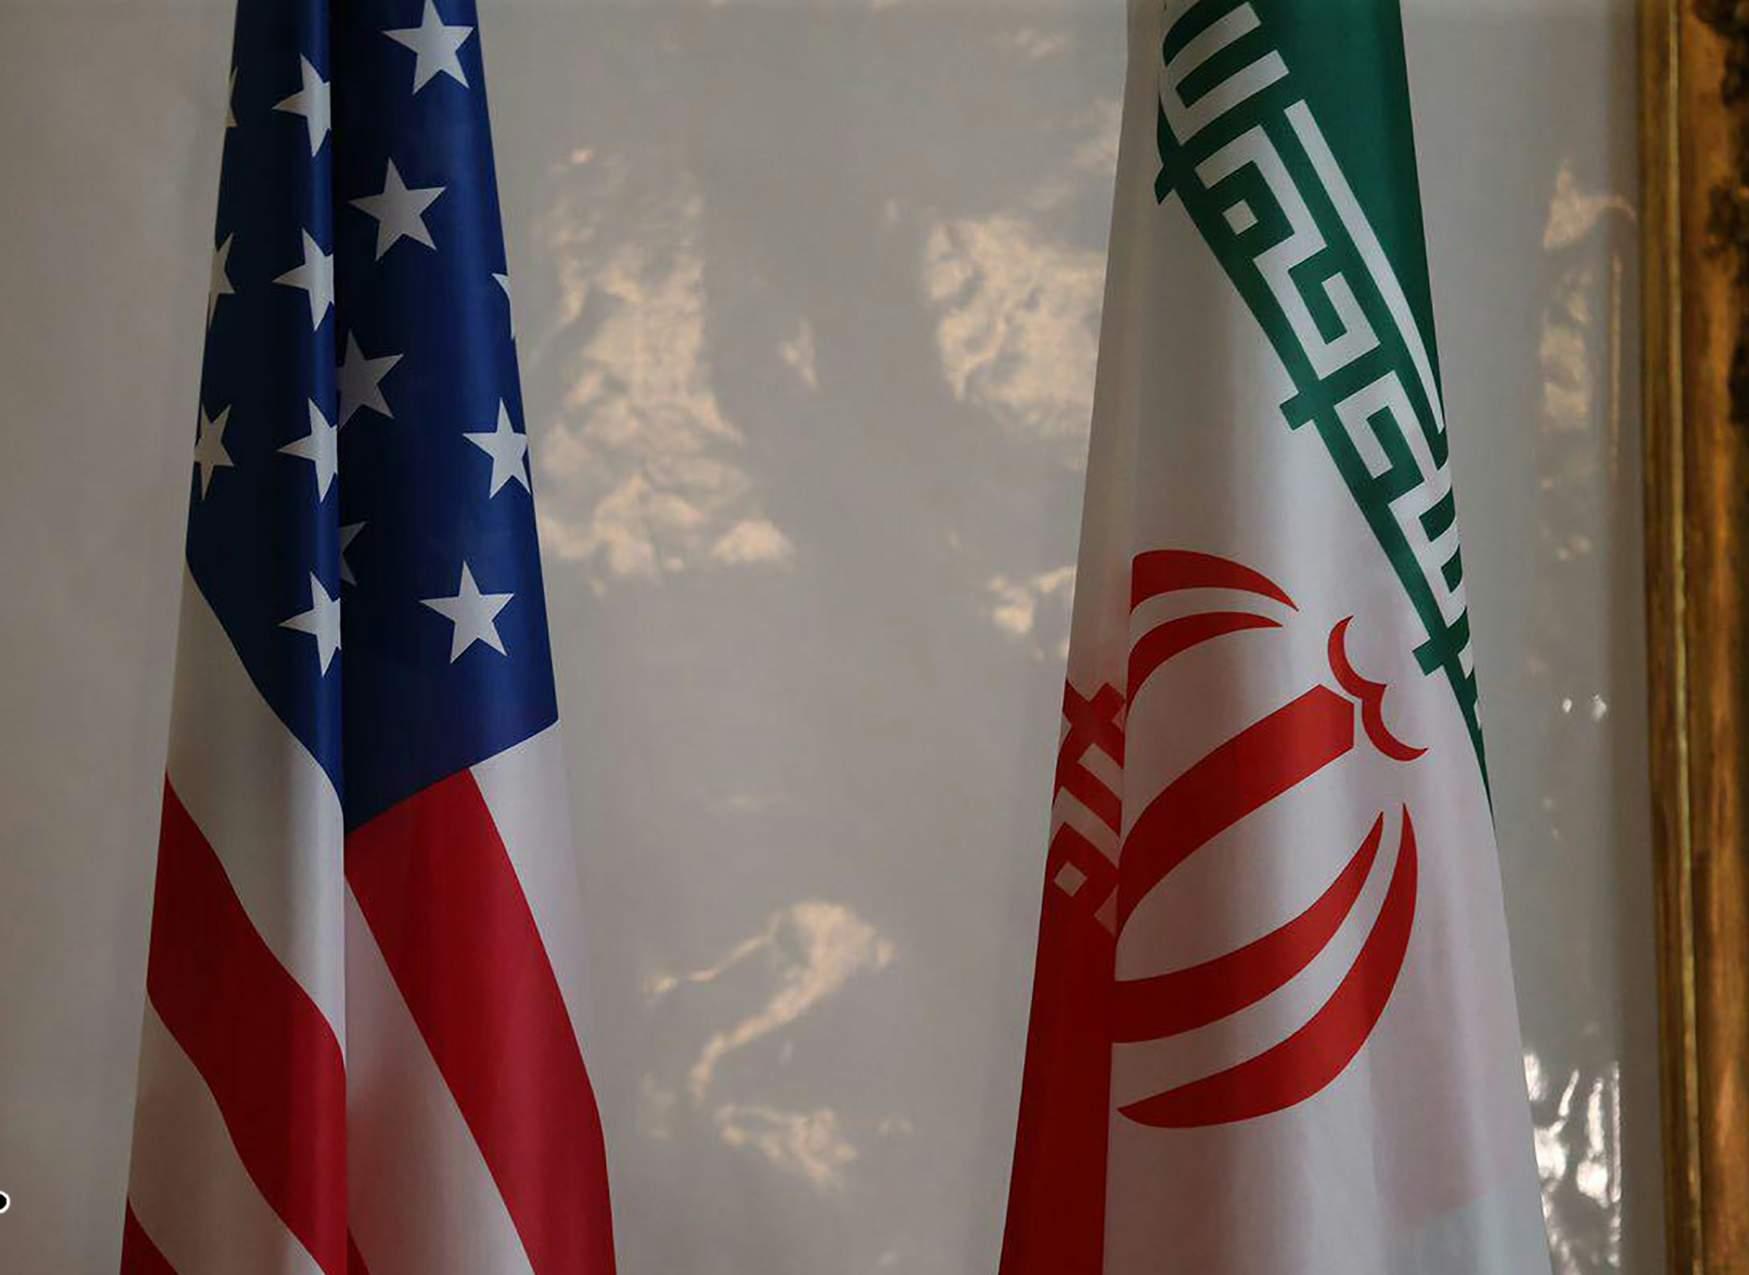 واشنطن تعرض على طهران مباحثات مباشرة